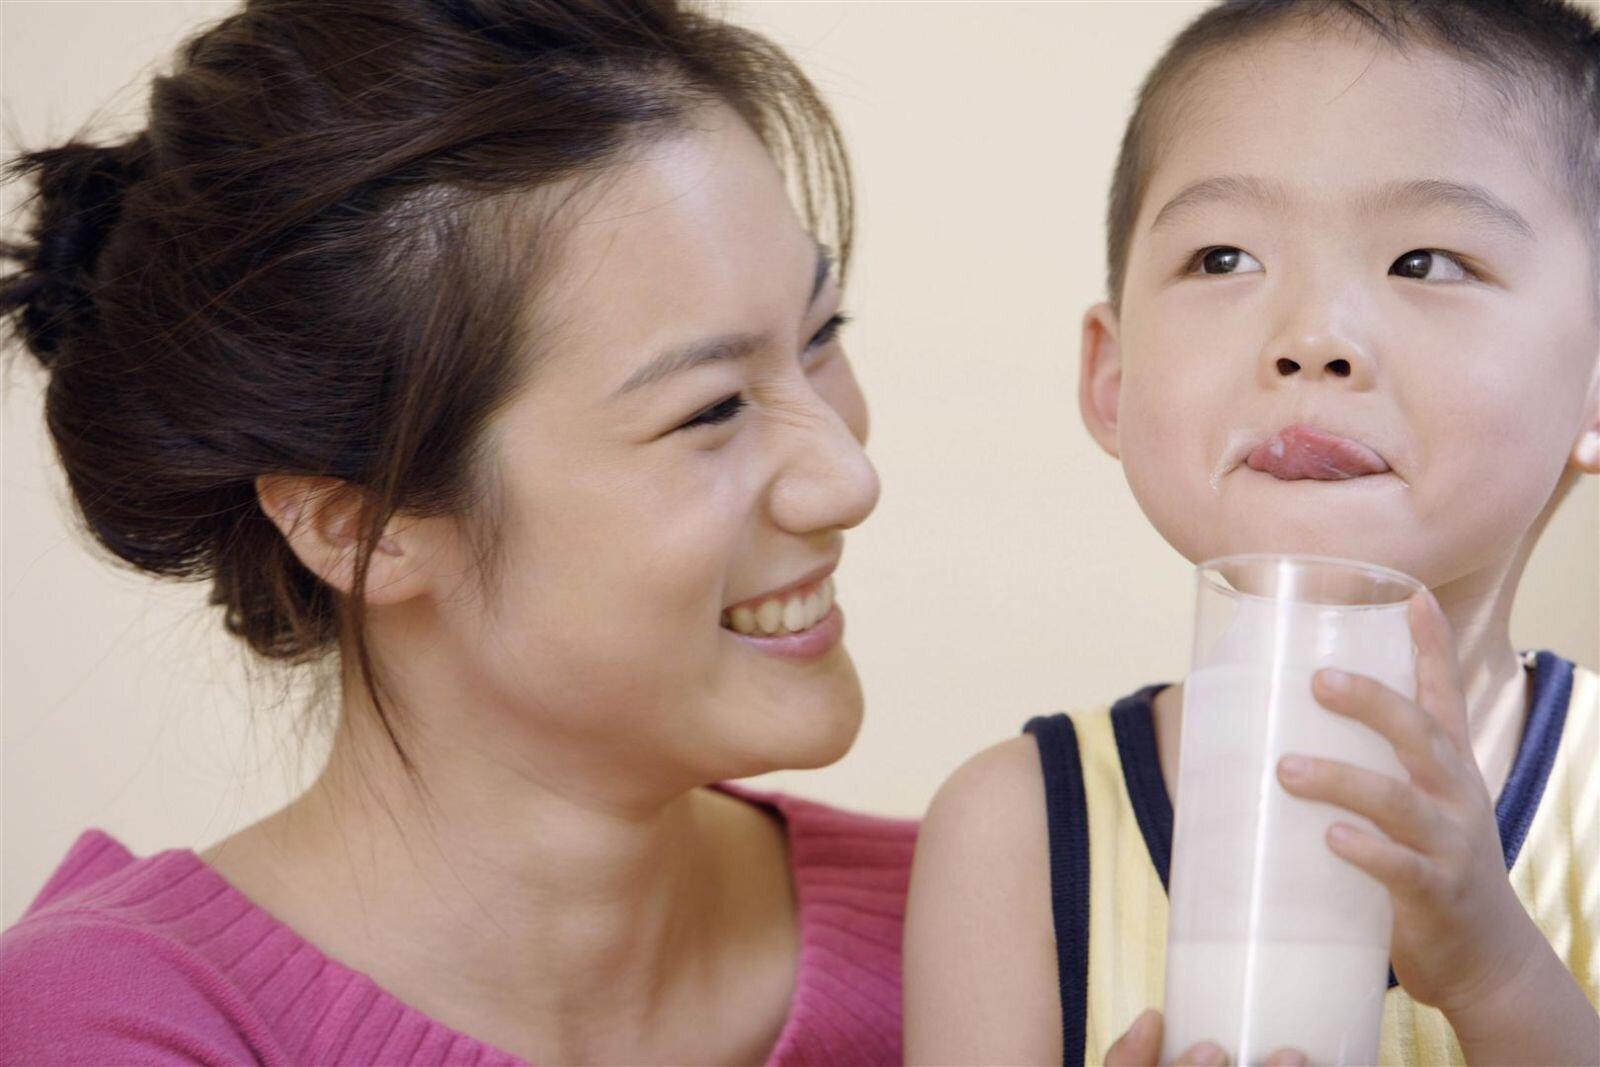 Lên 8 tuổi bé vận động nhiều nên rất cần nguồn năng lượng và dinh dưỡng kịp thời